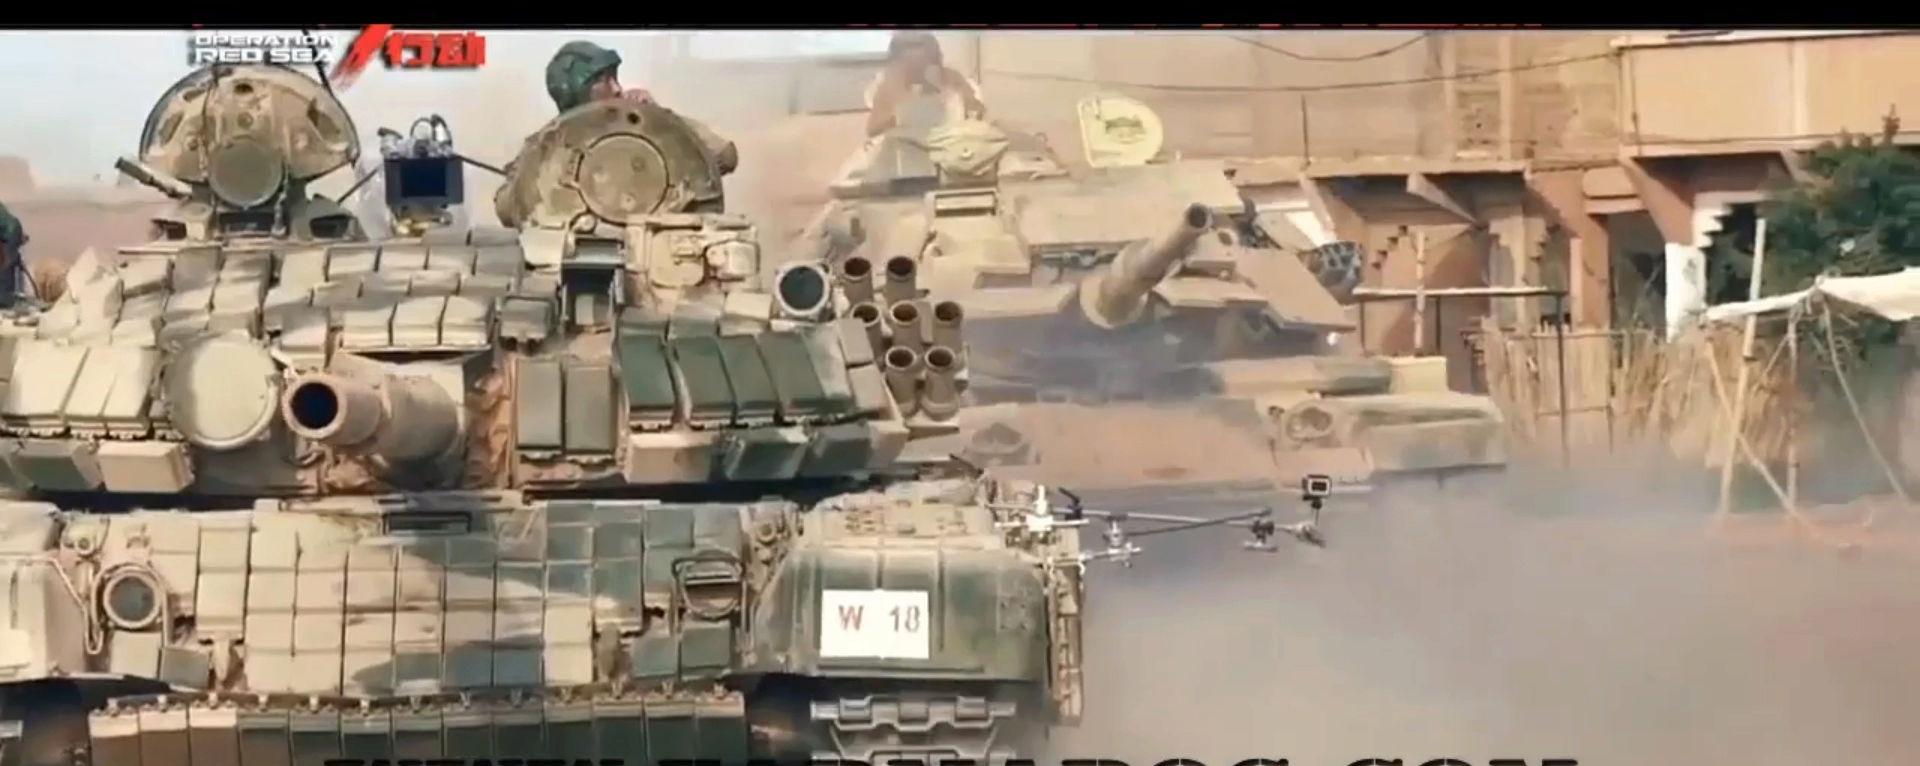 Photos - Chars de Combat / MBTs - Page 3 20180417